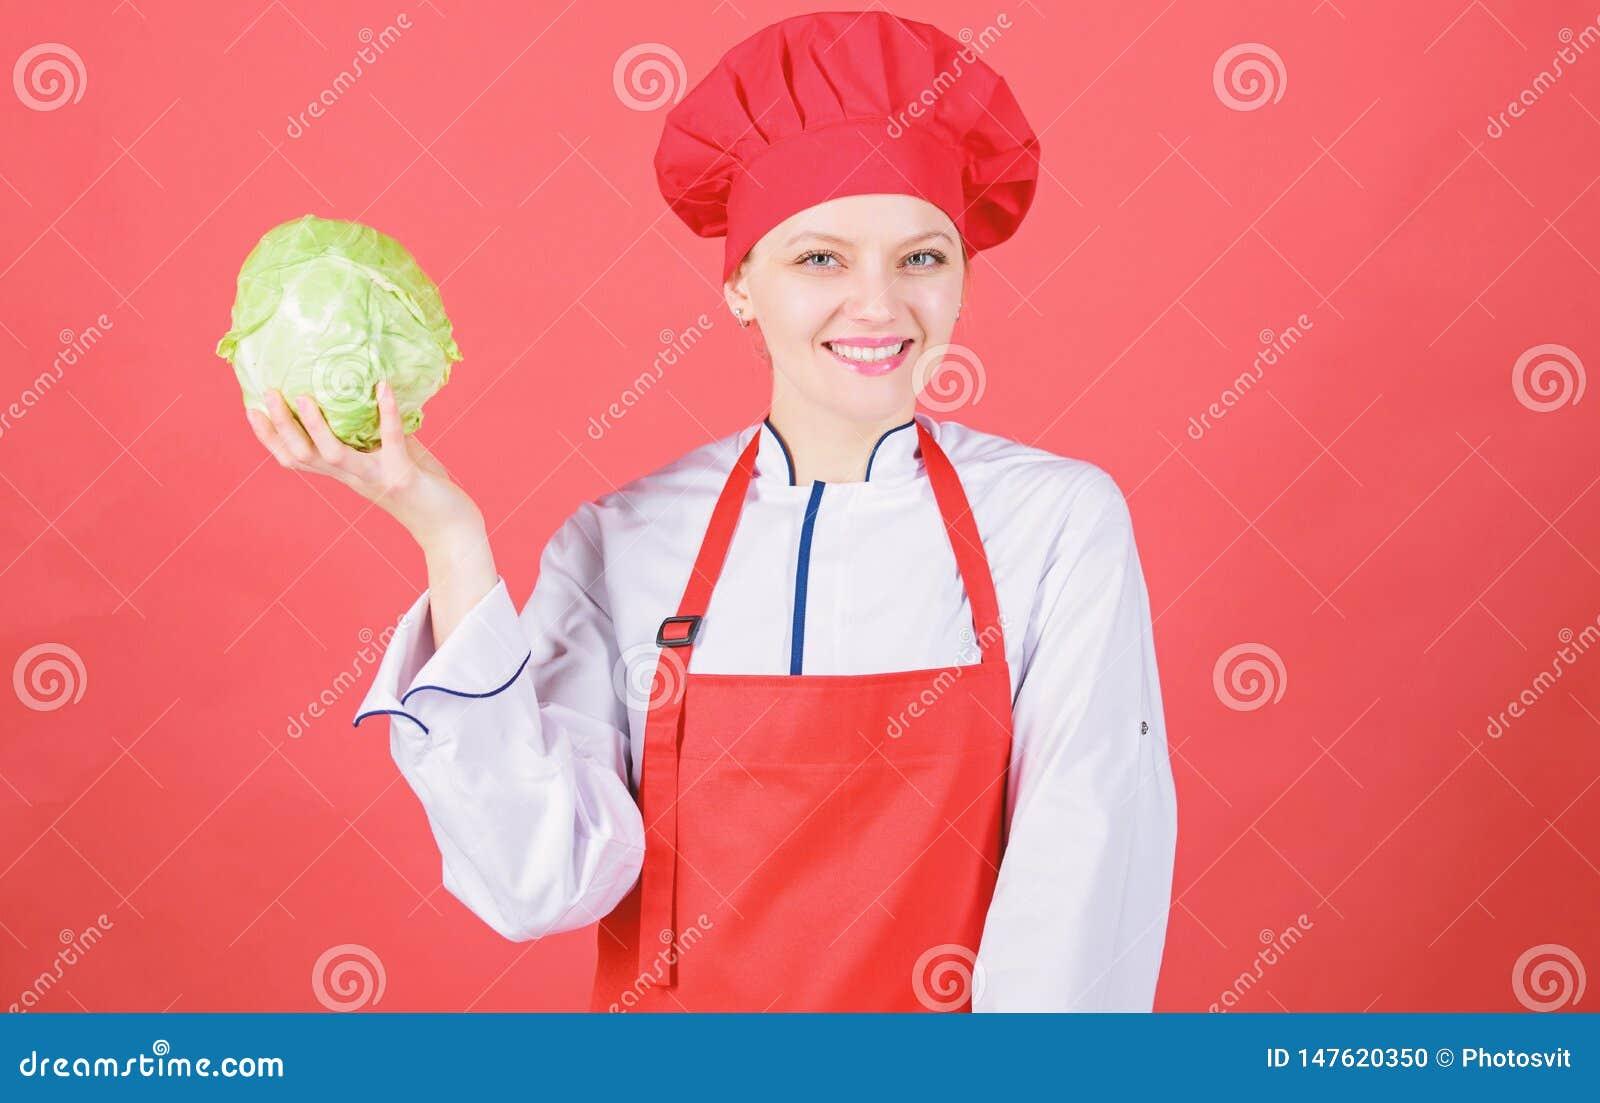 Groente van de de greep gehele kool van de vrouwen de professionele chef-kok Gezond vegetarisch recepteningredi?nt Gezond ruw voe